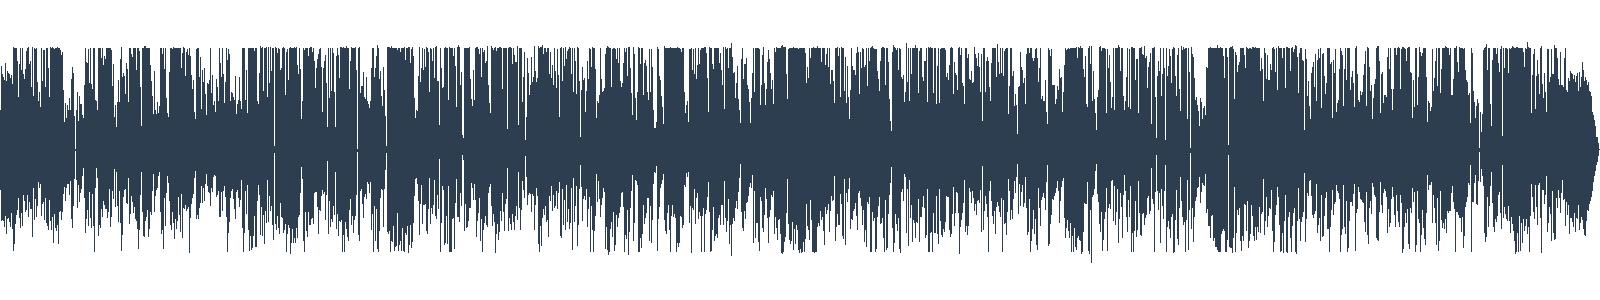 Audinovinky #1 - Začínáme waveform